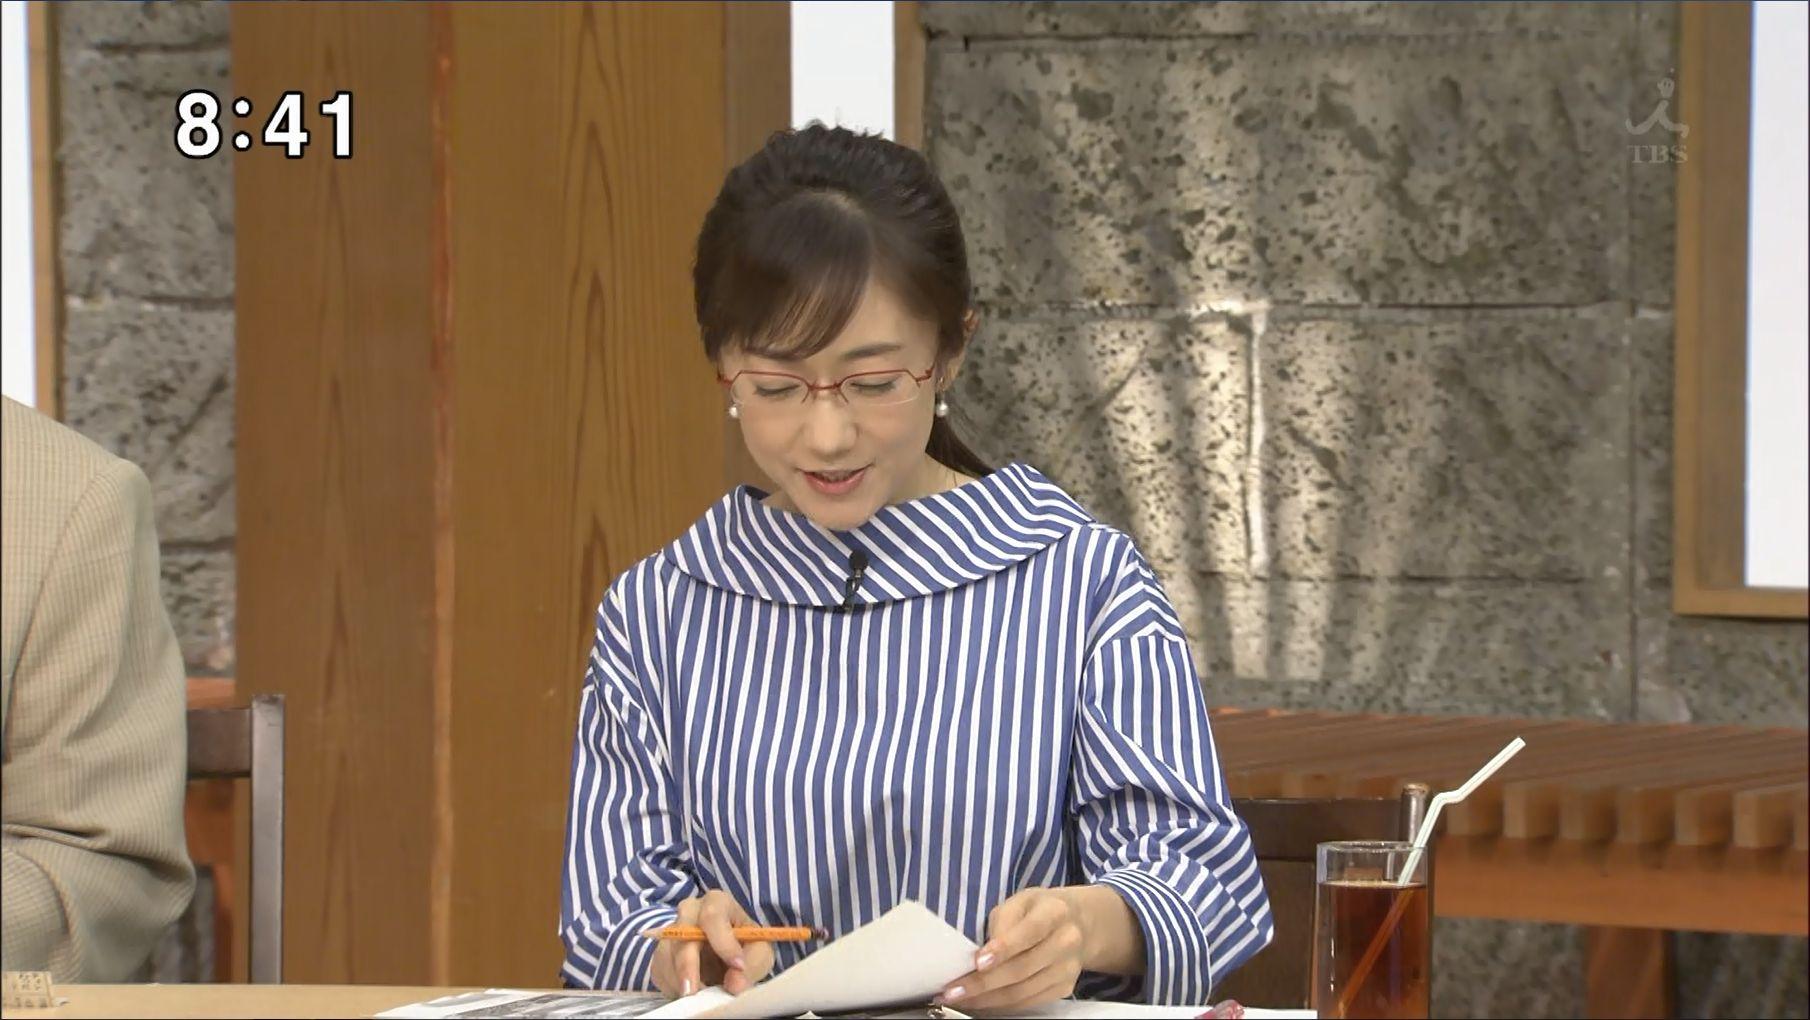 アナLOG      唐橋ユミ サンデーモーニング 17/05/28    コメント